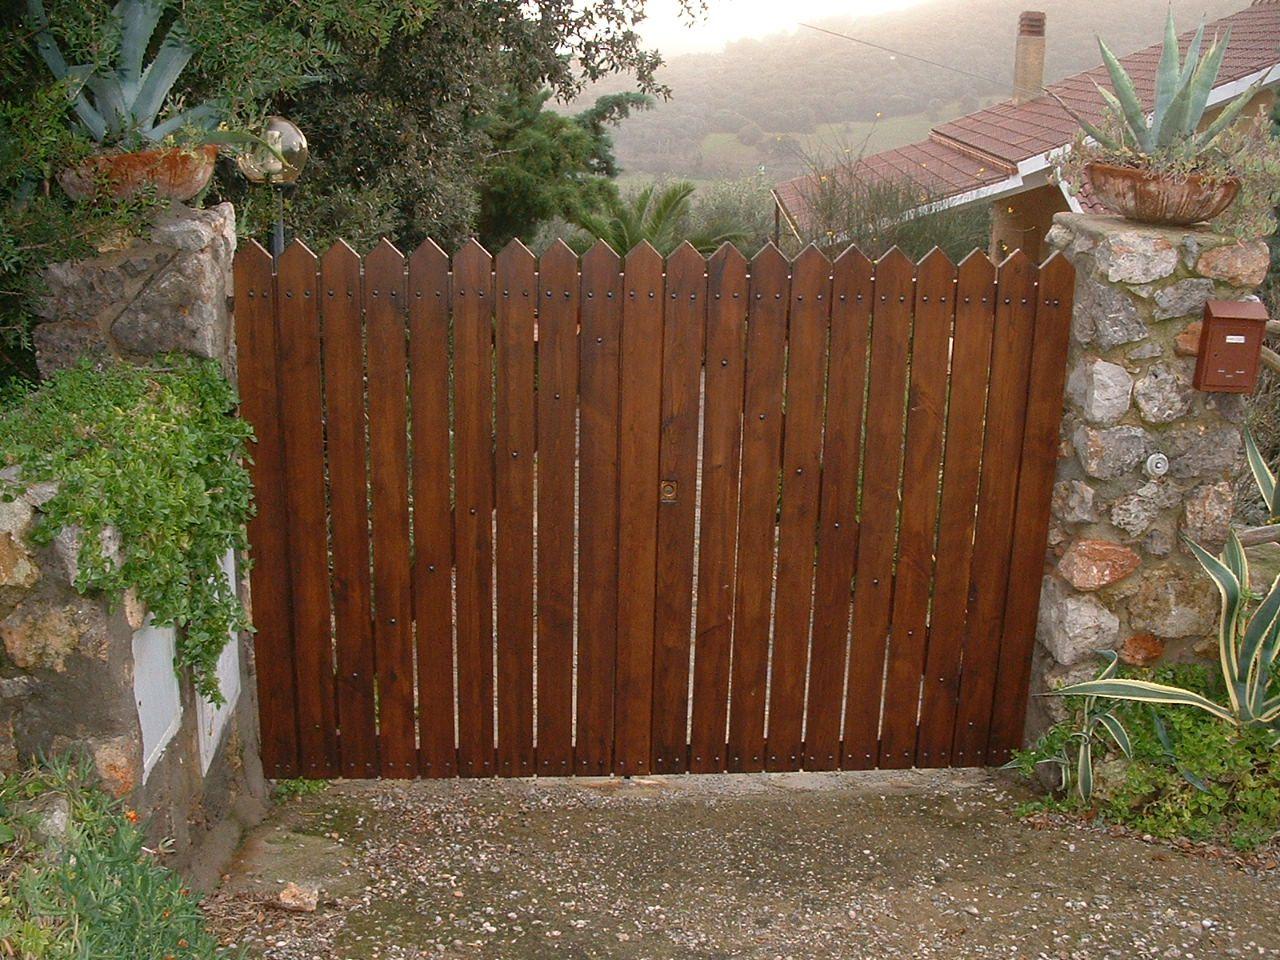 Cancello in legno di castagno cancelli in legno for Cancelli di legno per giardino